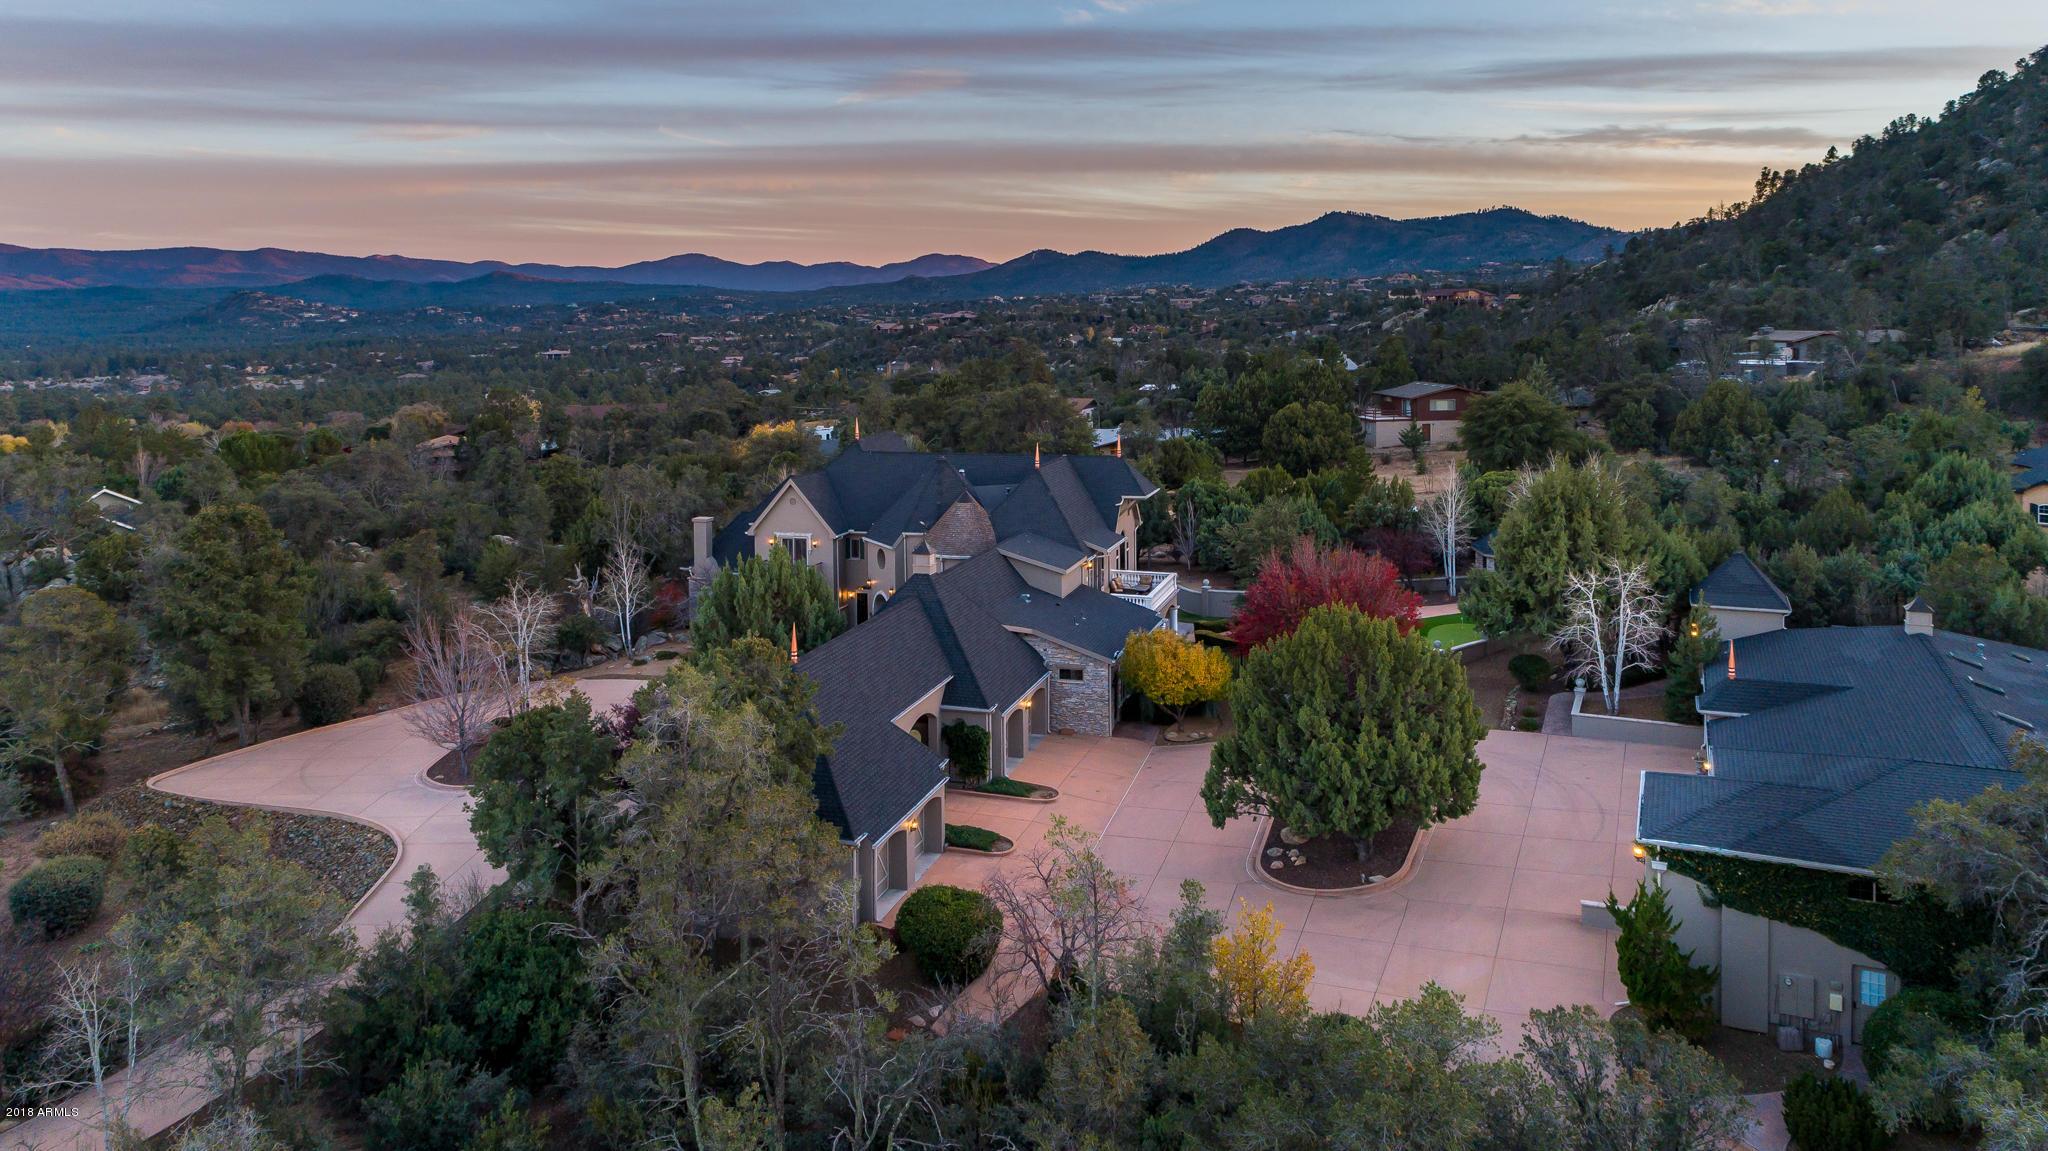 MLS 5849077 2031 W THUMB BUTTE Road, Prescott, AZ Prescott AZ Equestrian